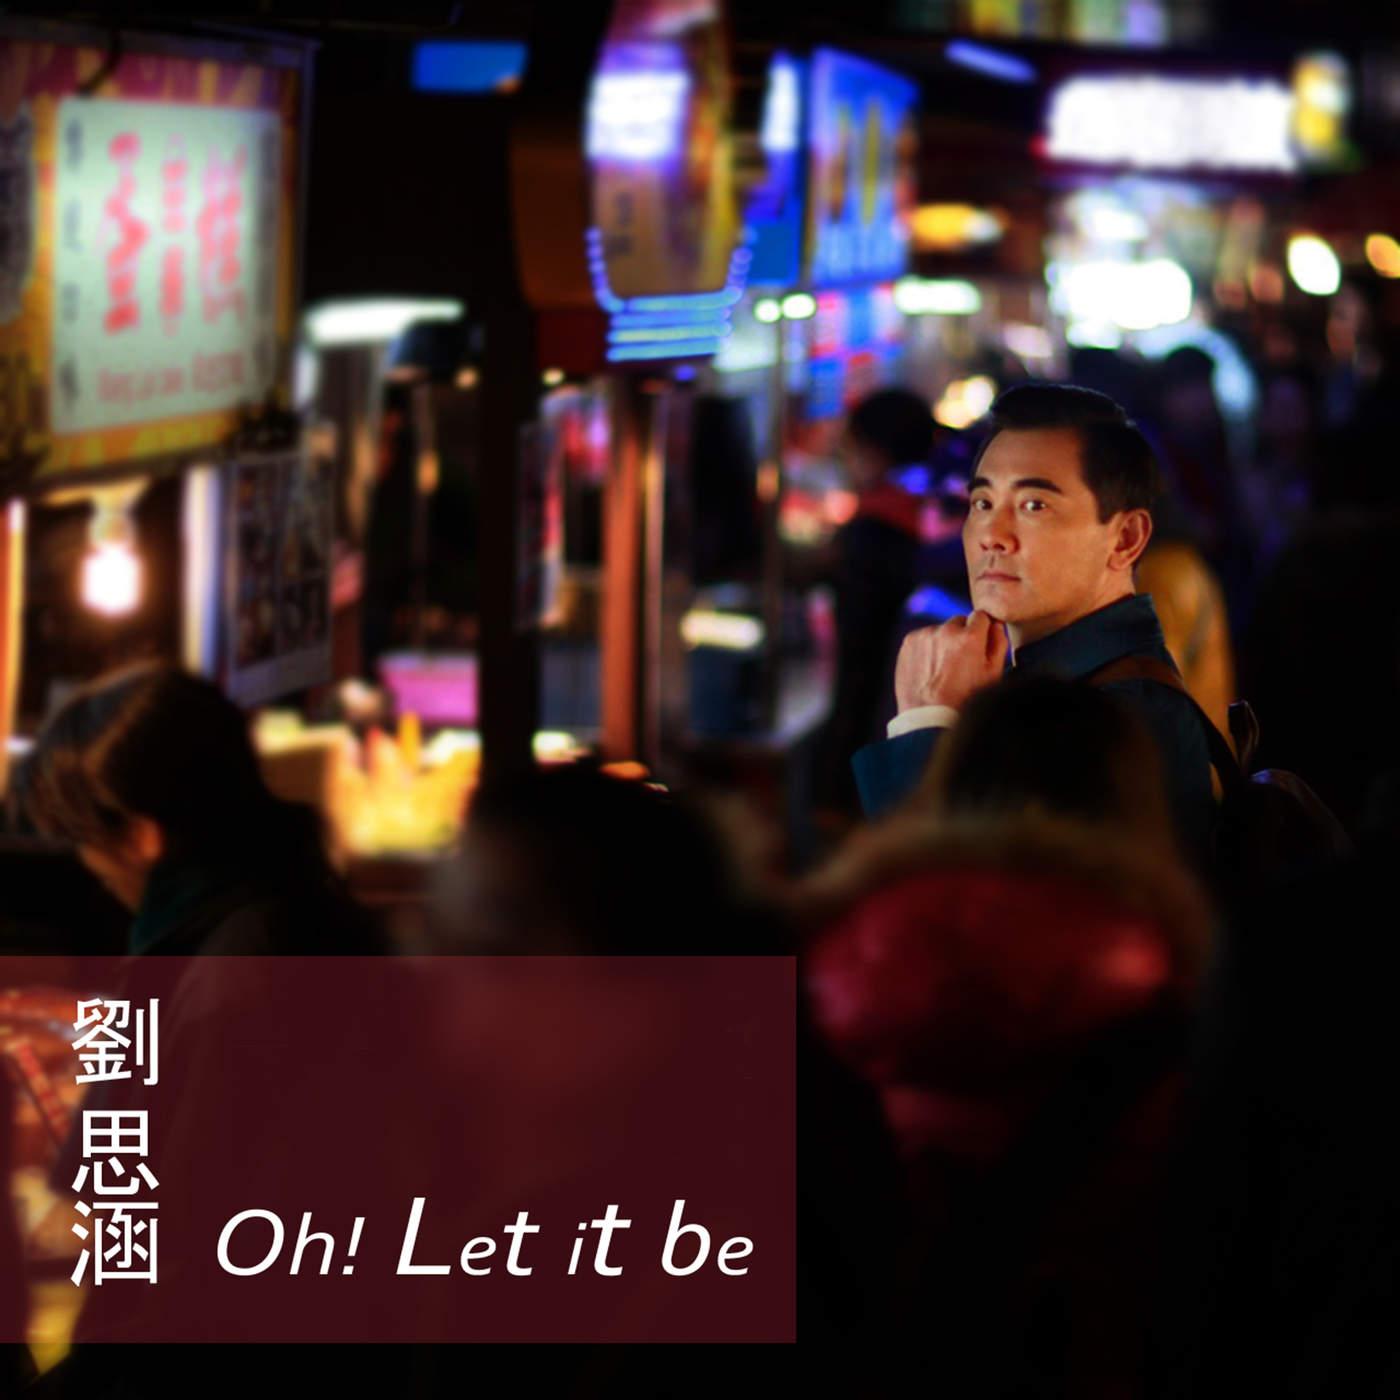 刘思涵 - Oh! Let It Be (电视剧「孤独的美食家」片头曲) - Single